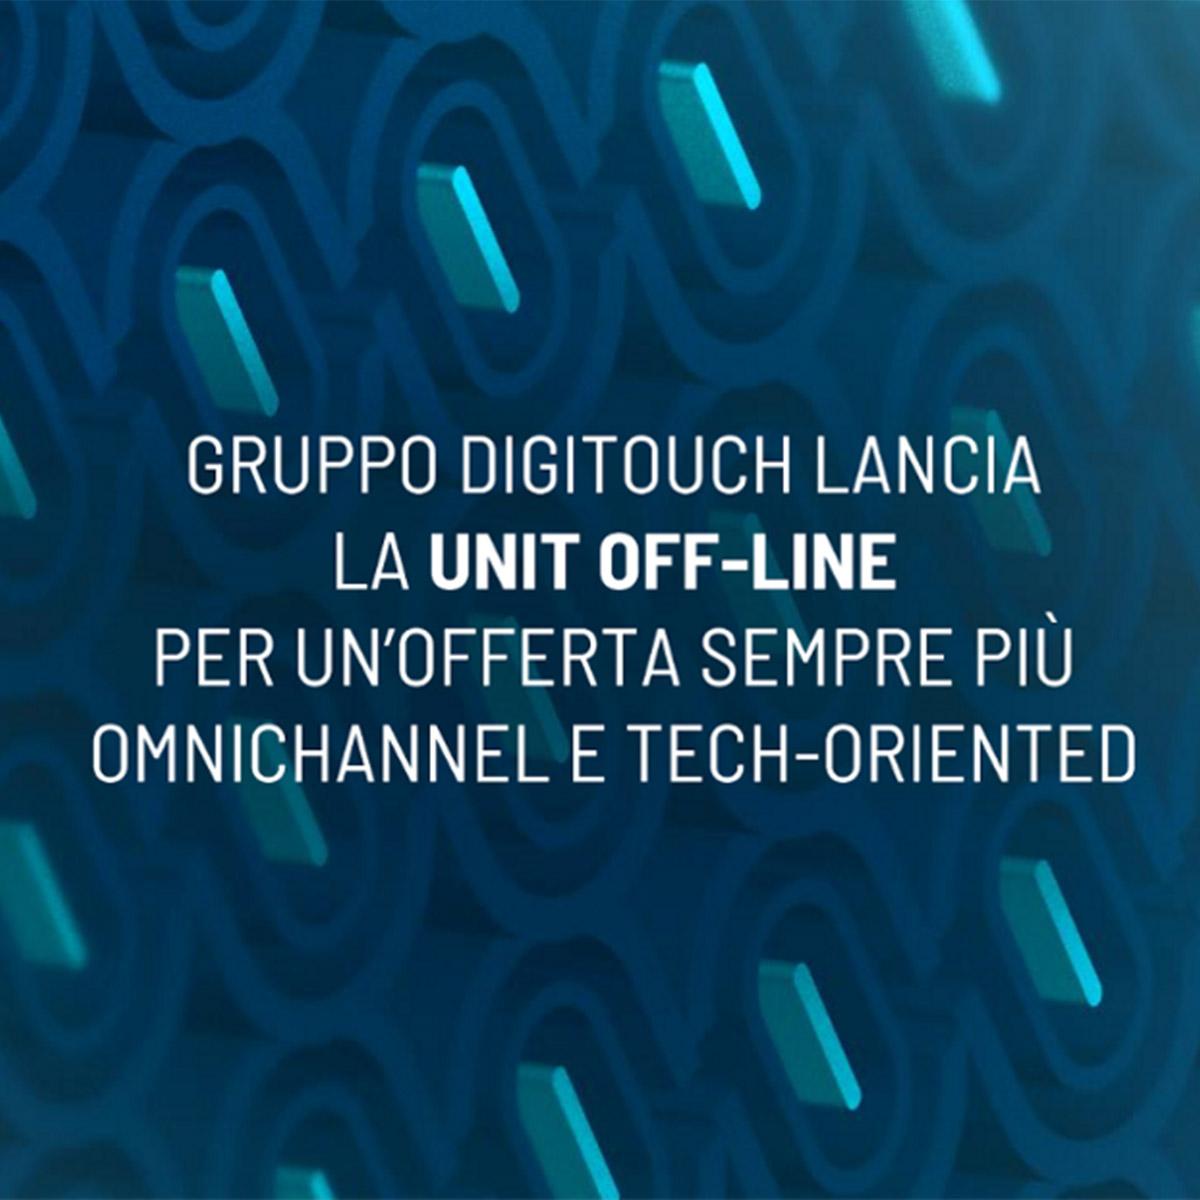 Nasce in Performedia la unit off-line e il nostro Gruppo rafforza la propria offerta omnichannel